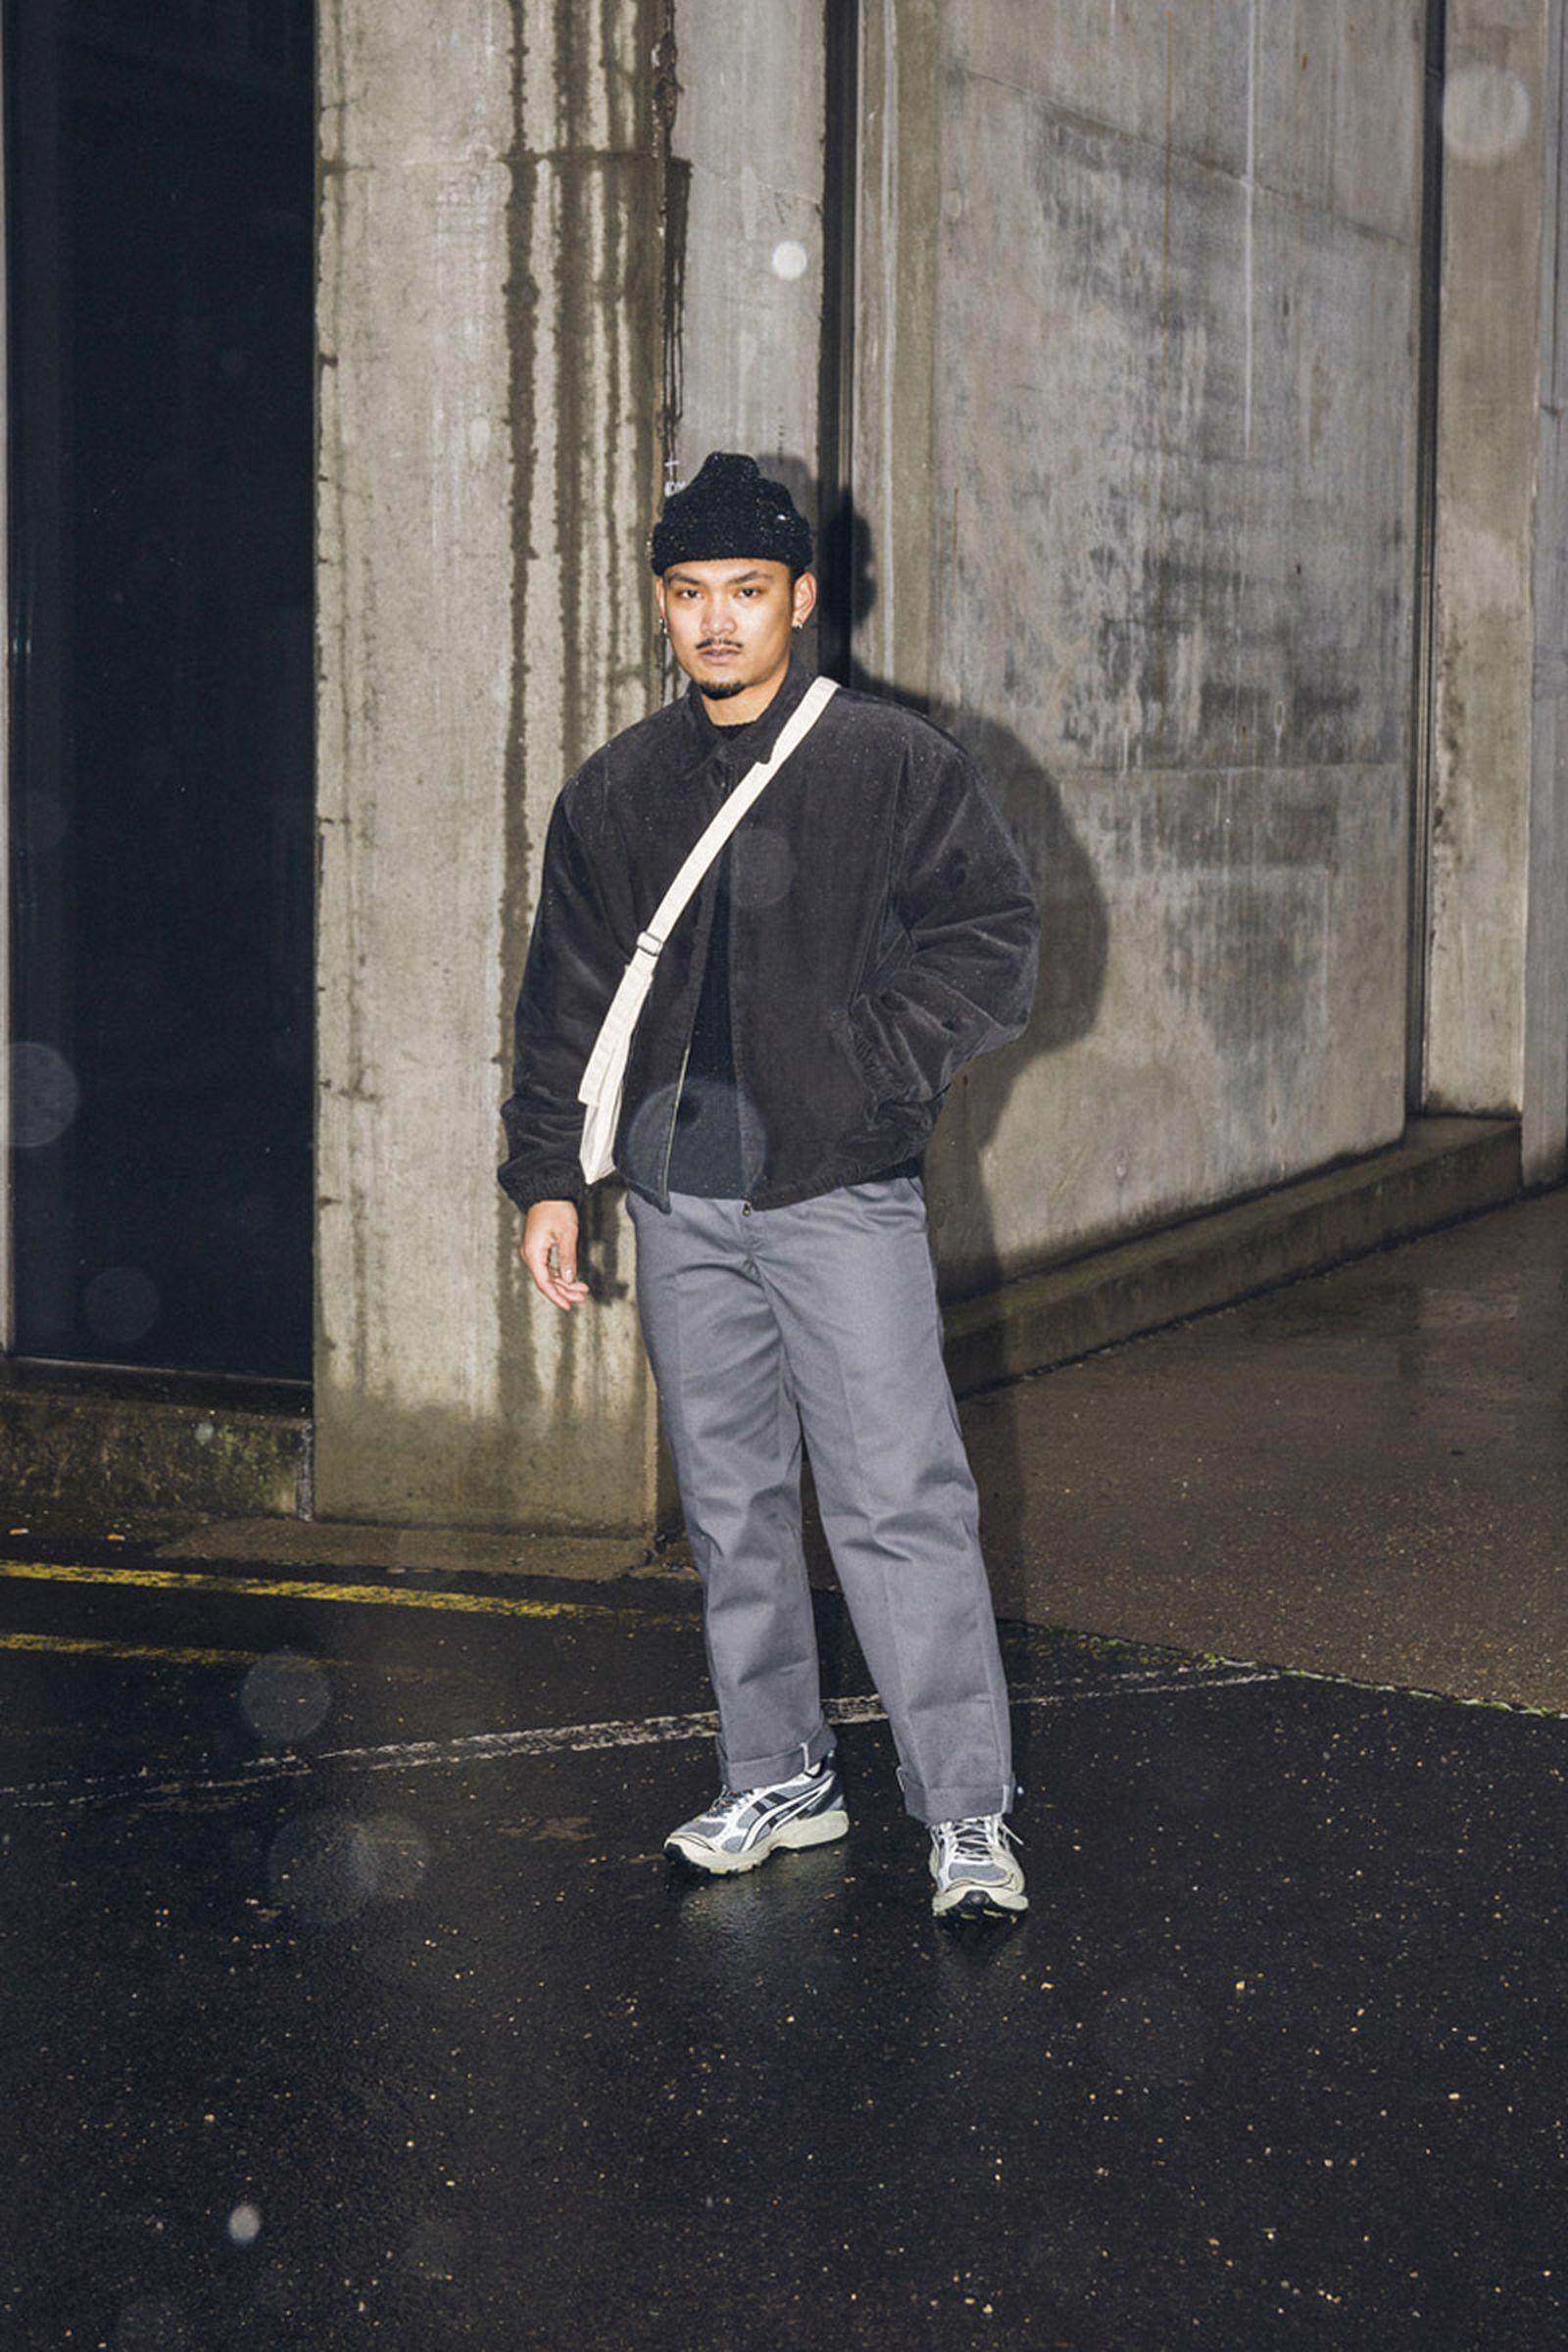 beinghunted-robert-smithson-not-in-paris-@garconarellano-800x1200